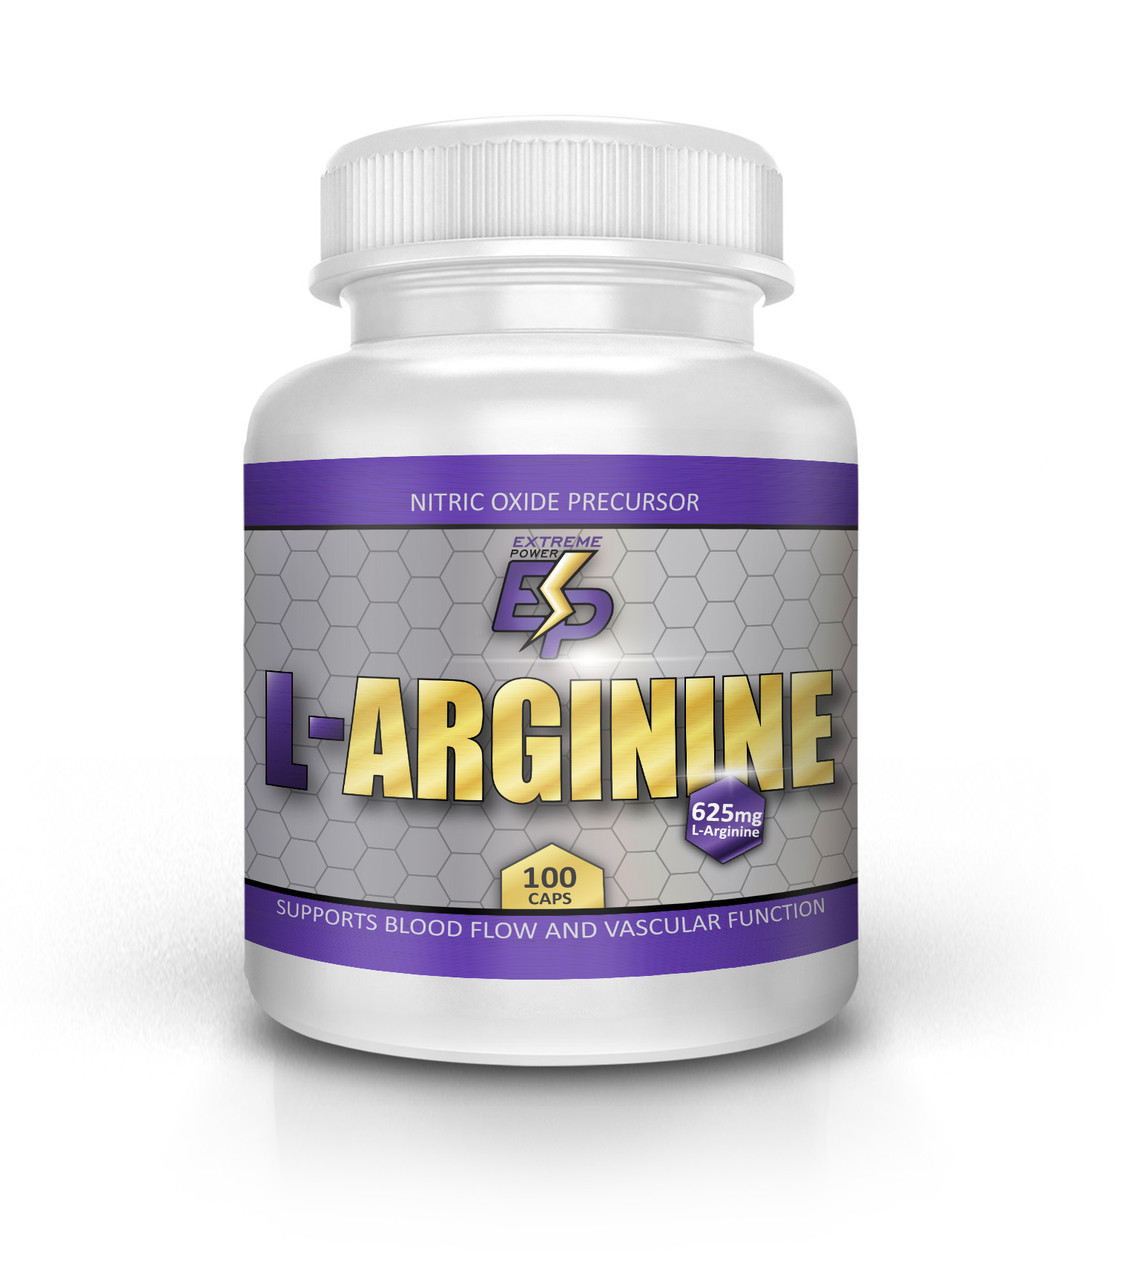 Купити аргінін (L-Arginine) 100caps/625mg